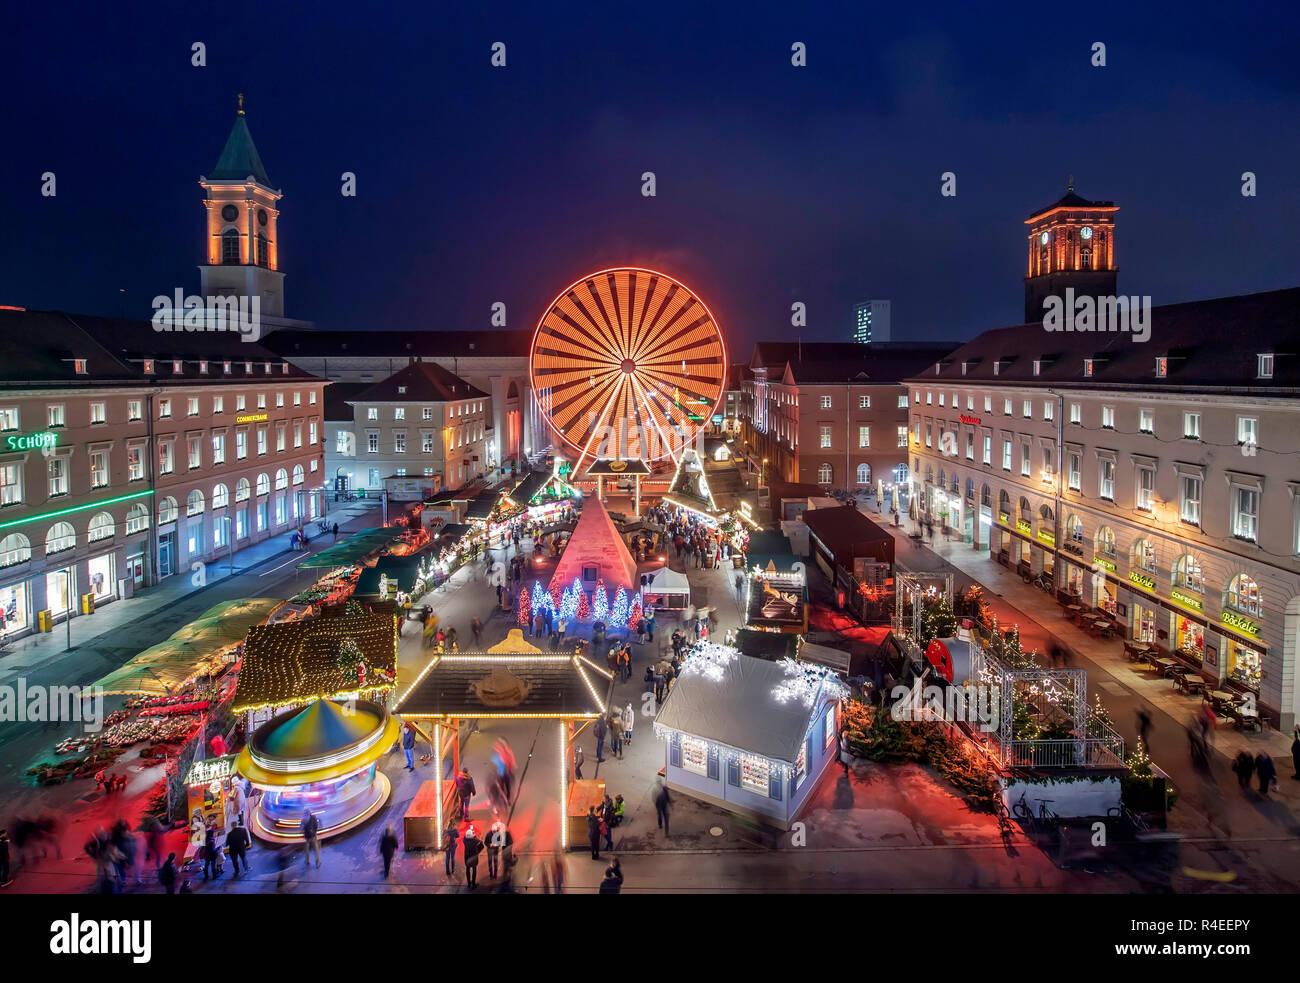 Karlsruhe Weihnachtsmarkt.Karlsruhe Deutschland 27 Nov 2018 Auf Dem Weihnachtsmarkt Auf